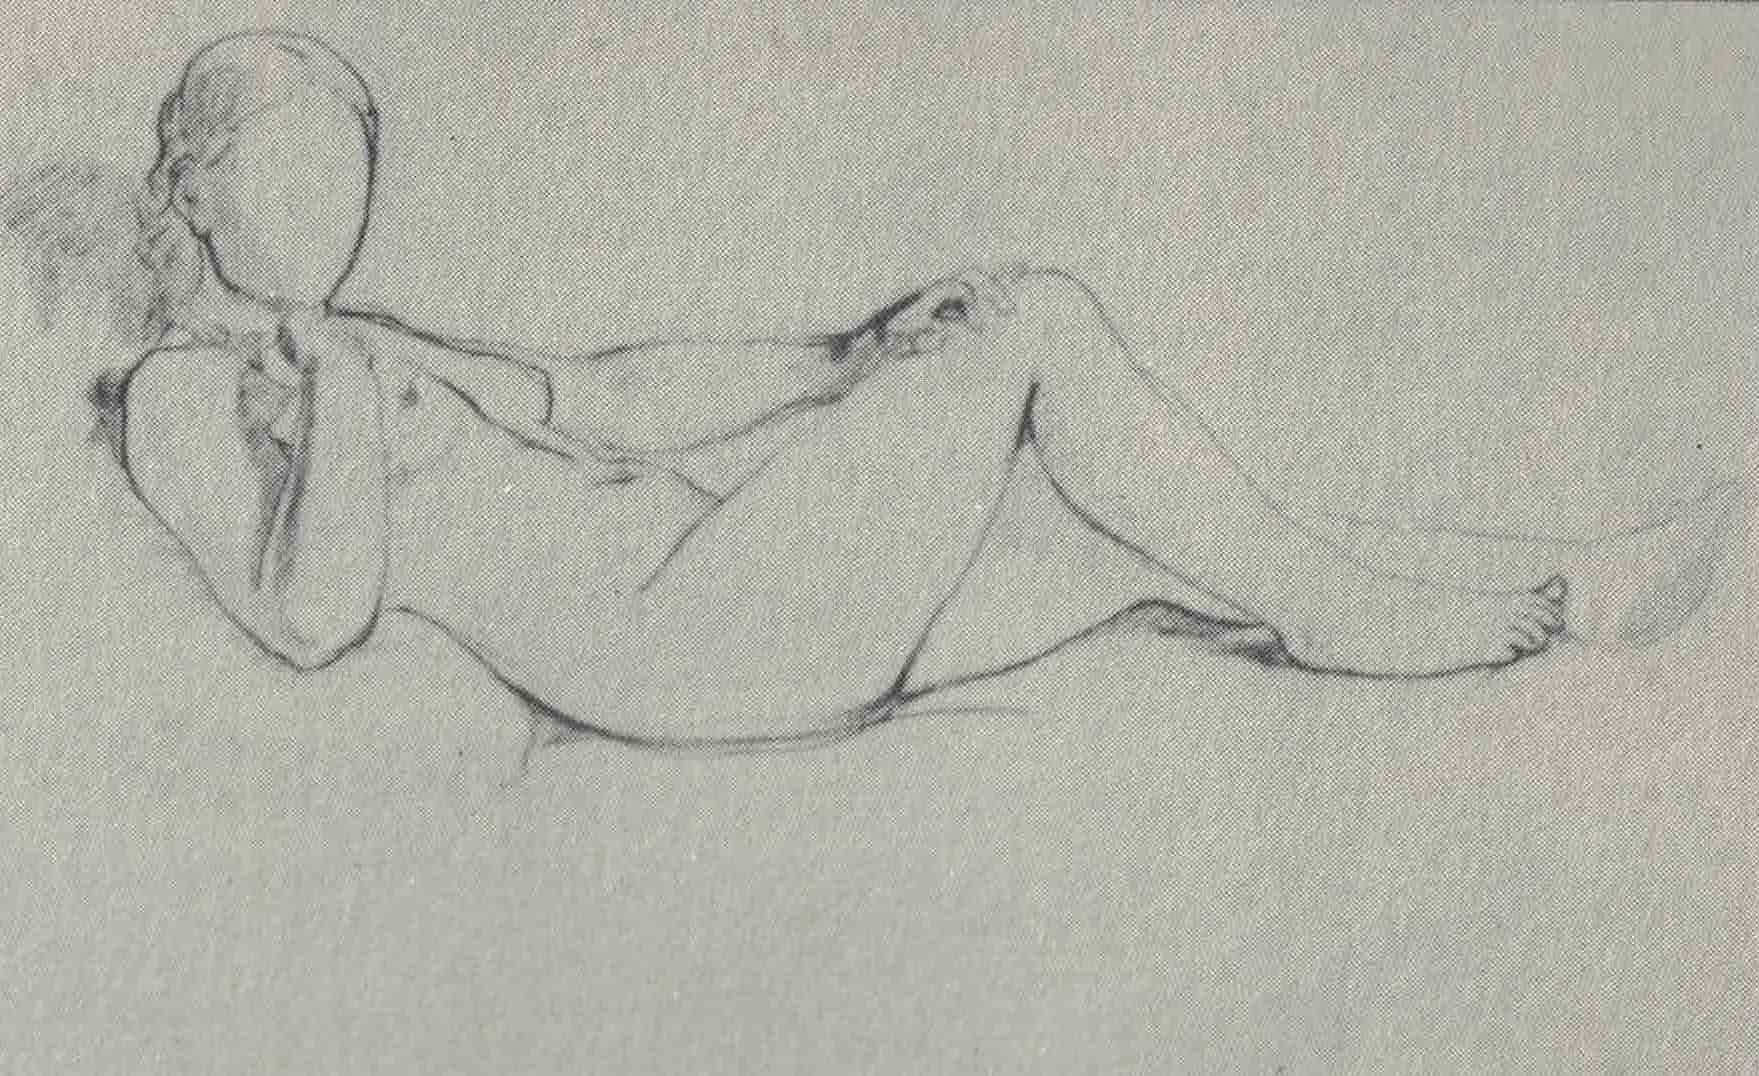 Figura 17 - Édouard Manet, estudo para Olímpia.